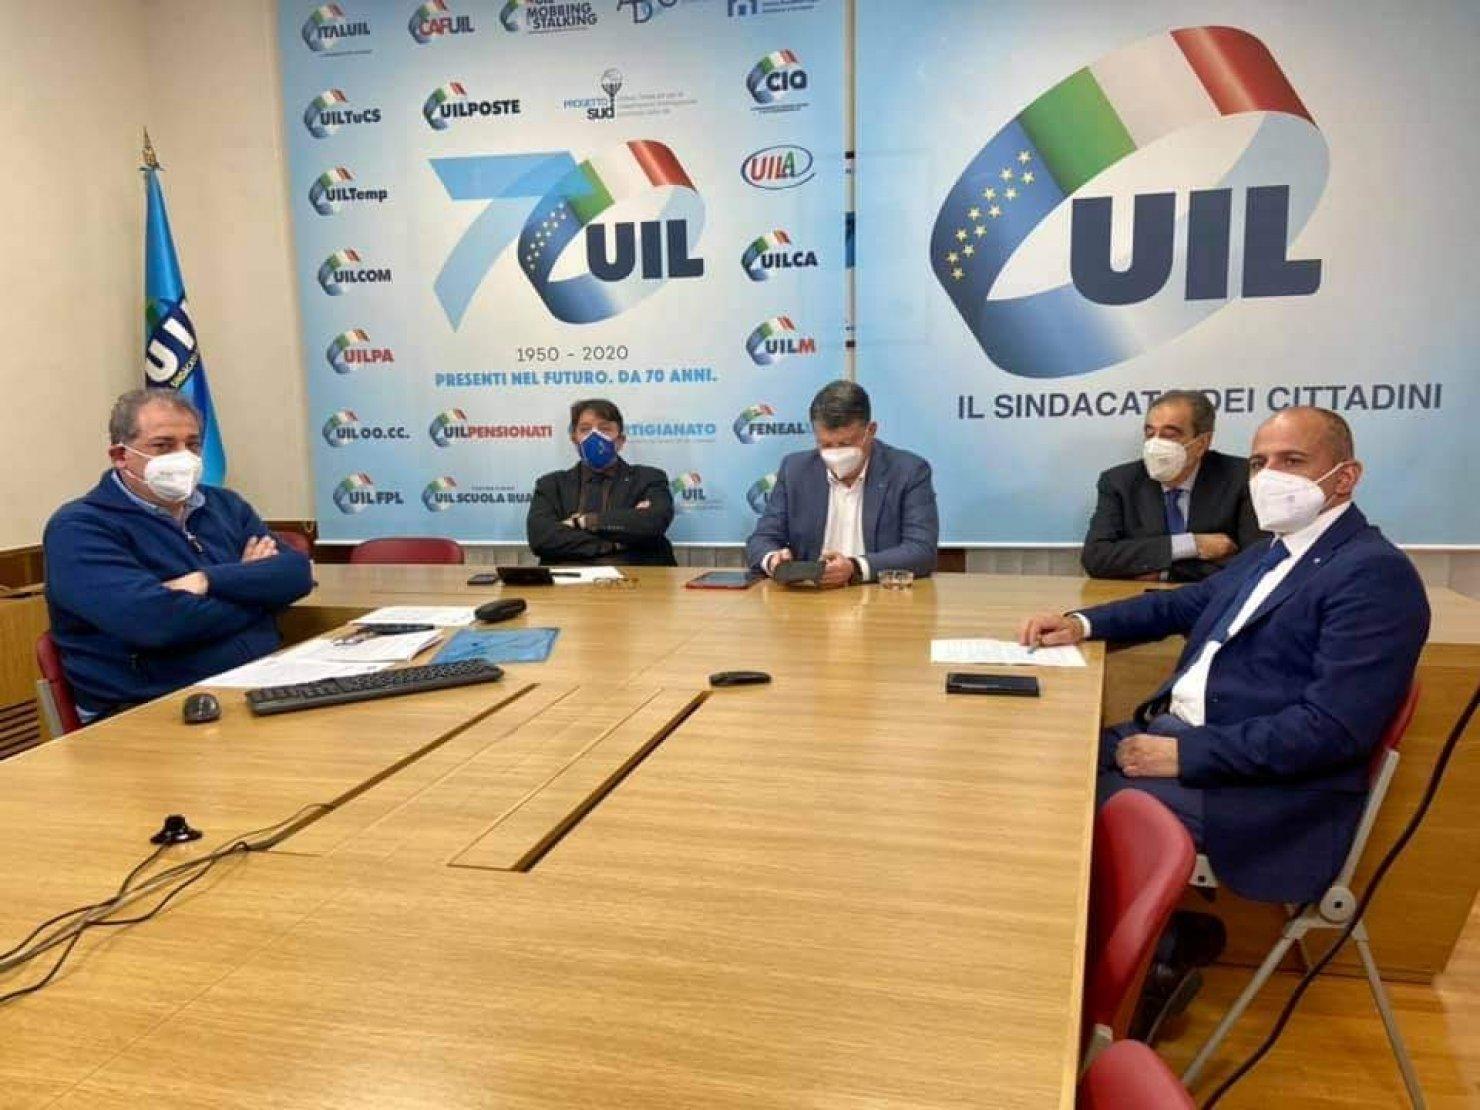 Primo incontro con il Ministro Brunetta dopo la firma dell'Accordo sottoscritto con il Presidente Draghi a Palazzo Chigi.